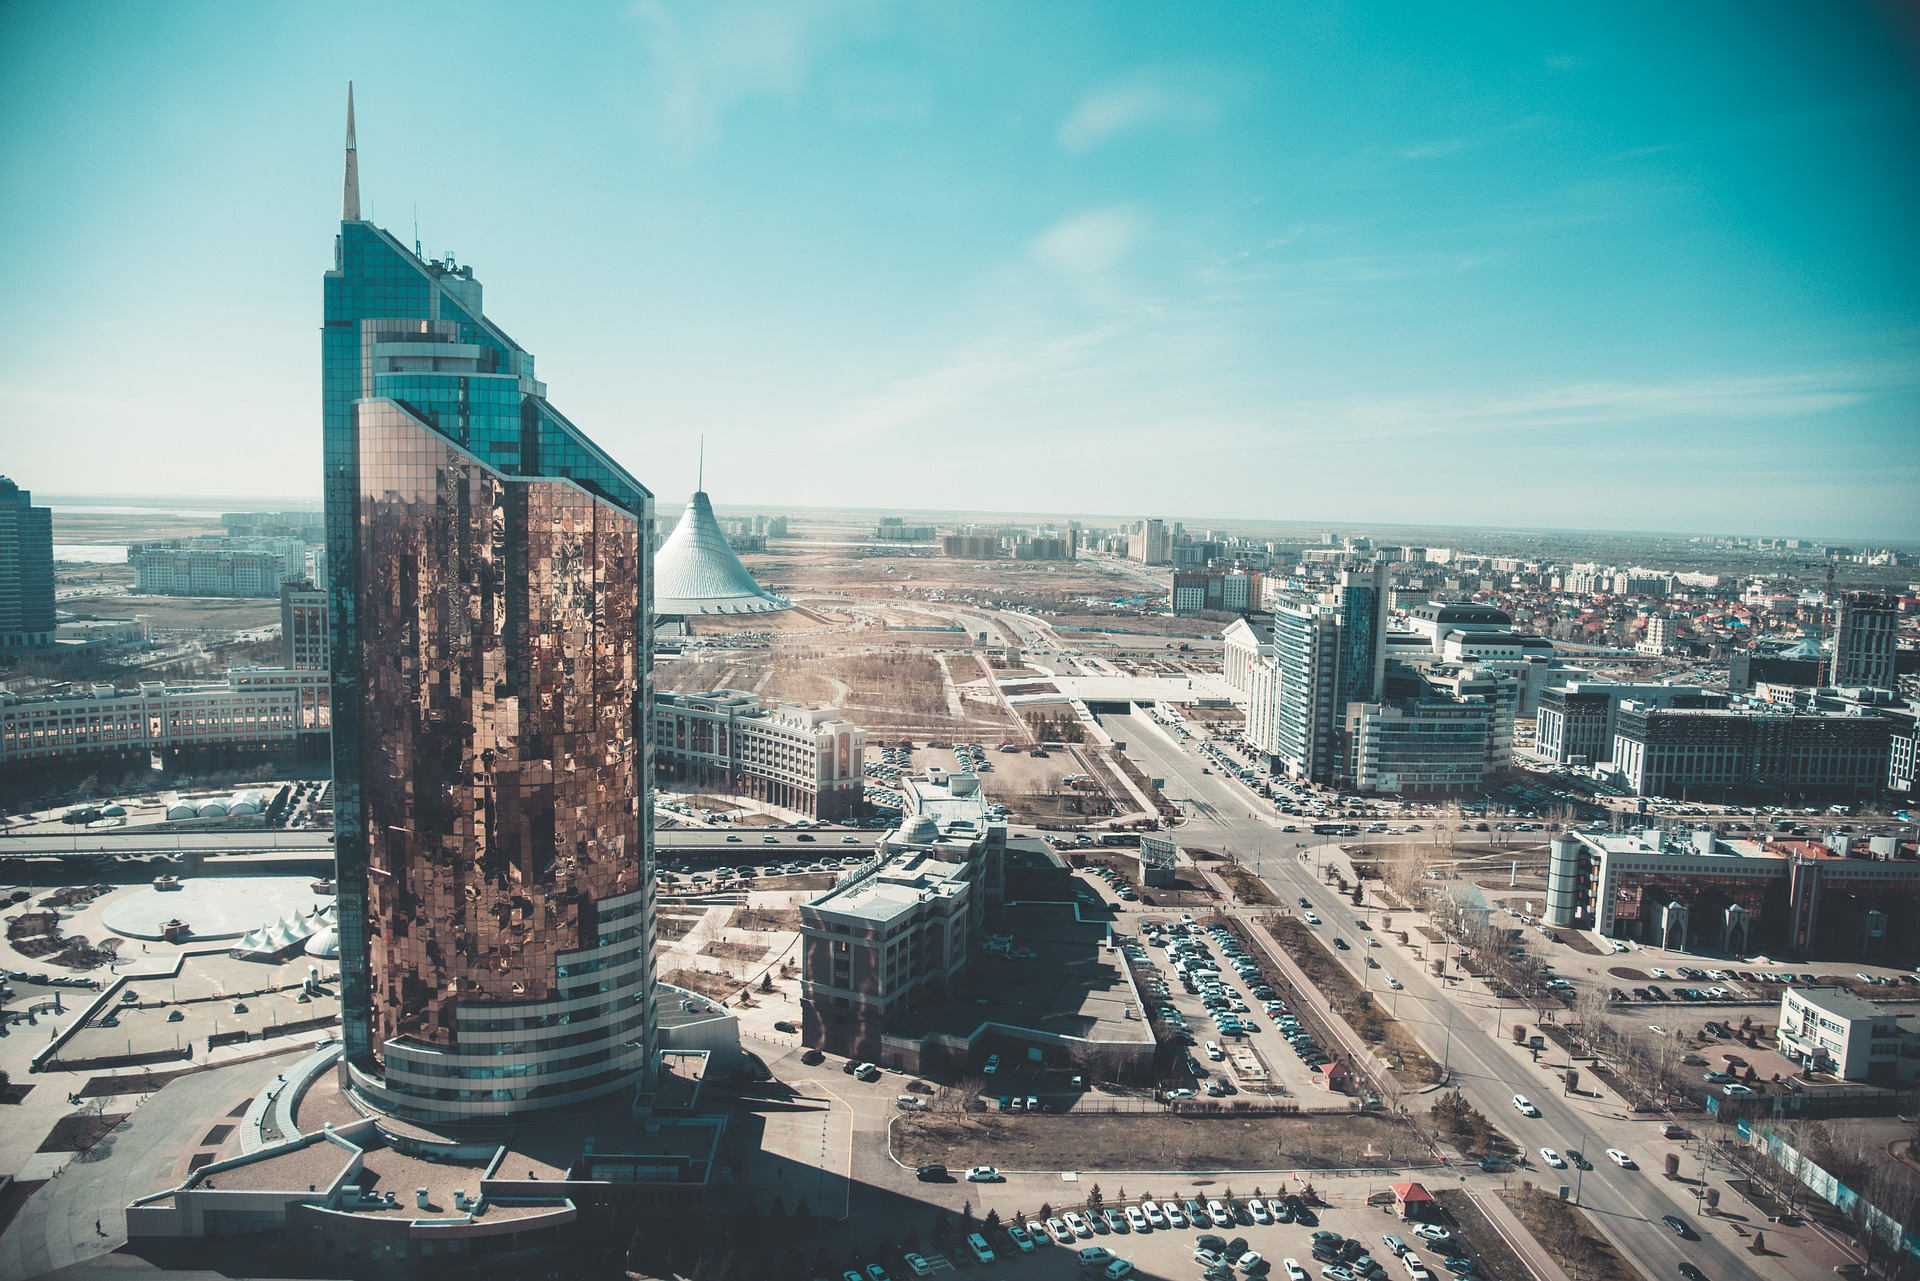 Kazakistan 2025, sognando una nuova nazione